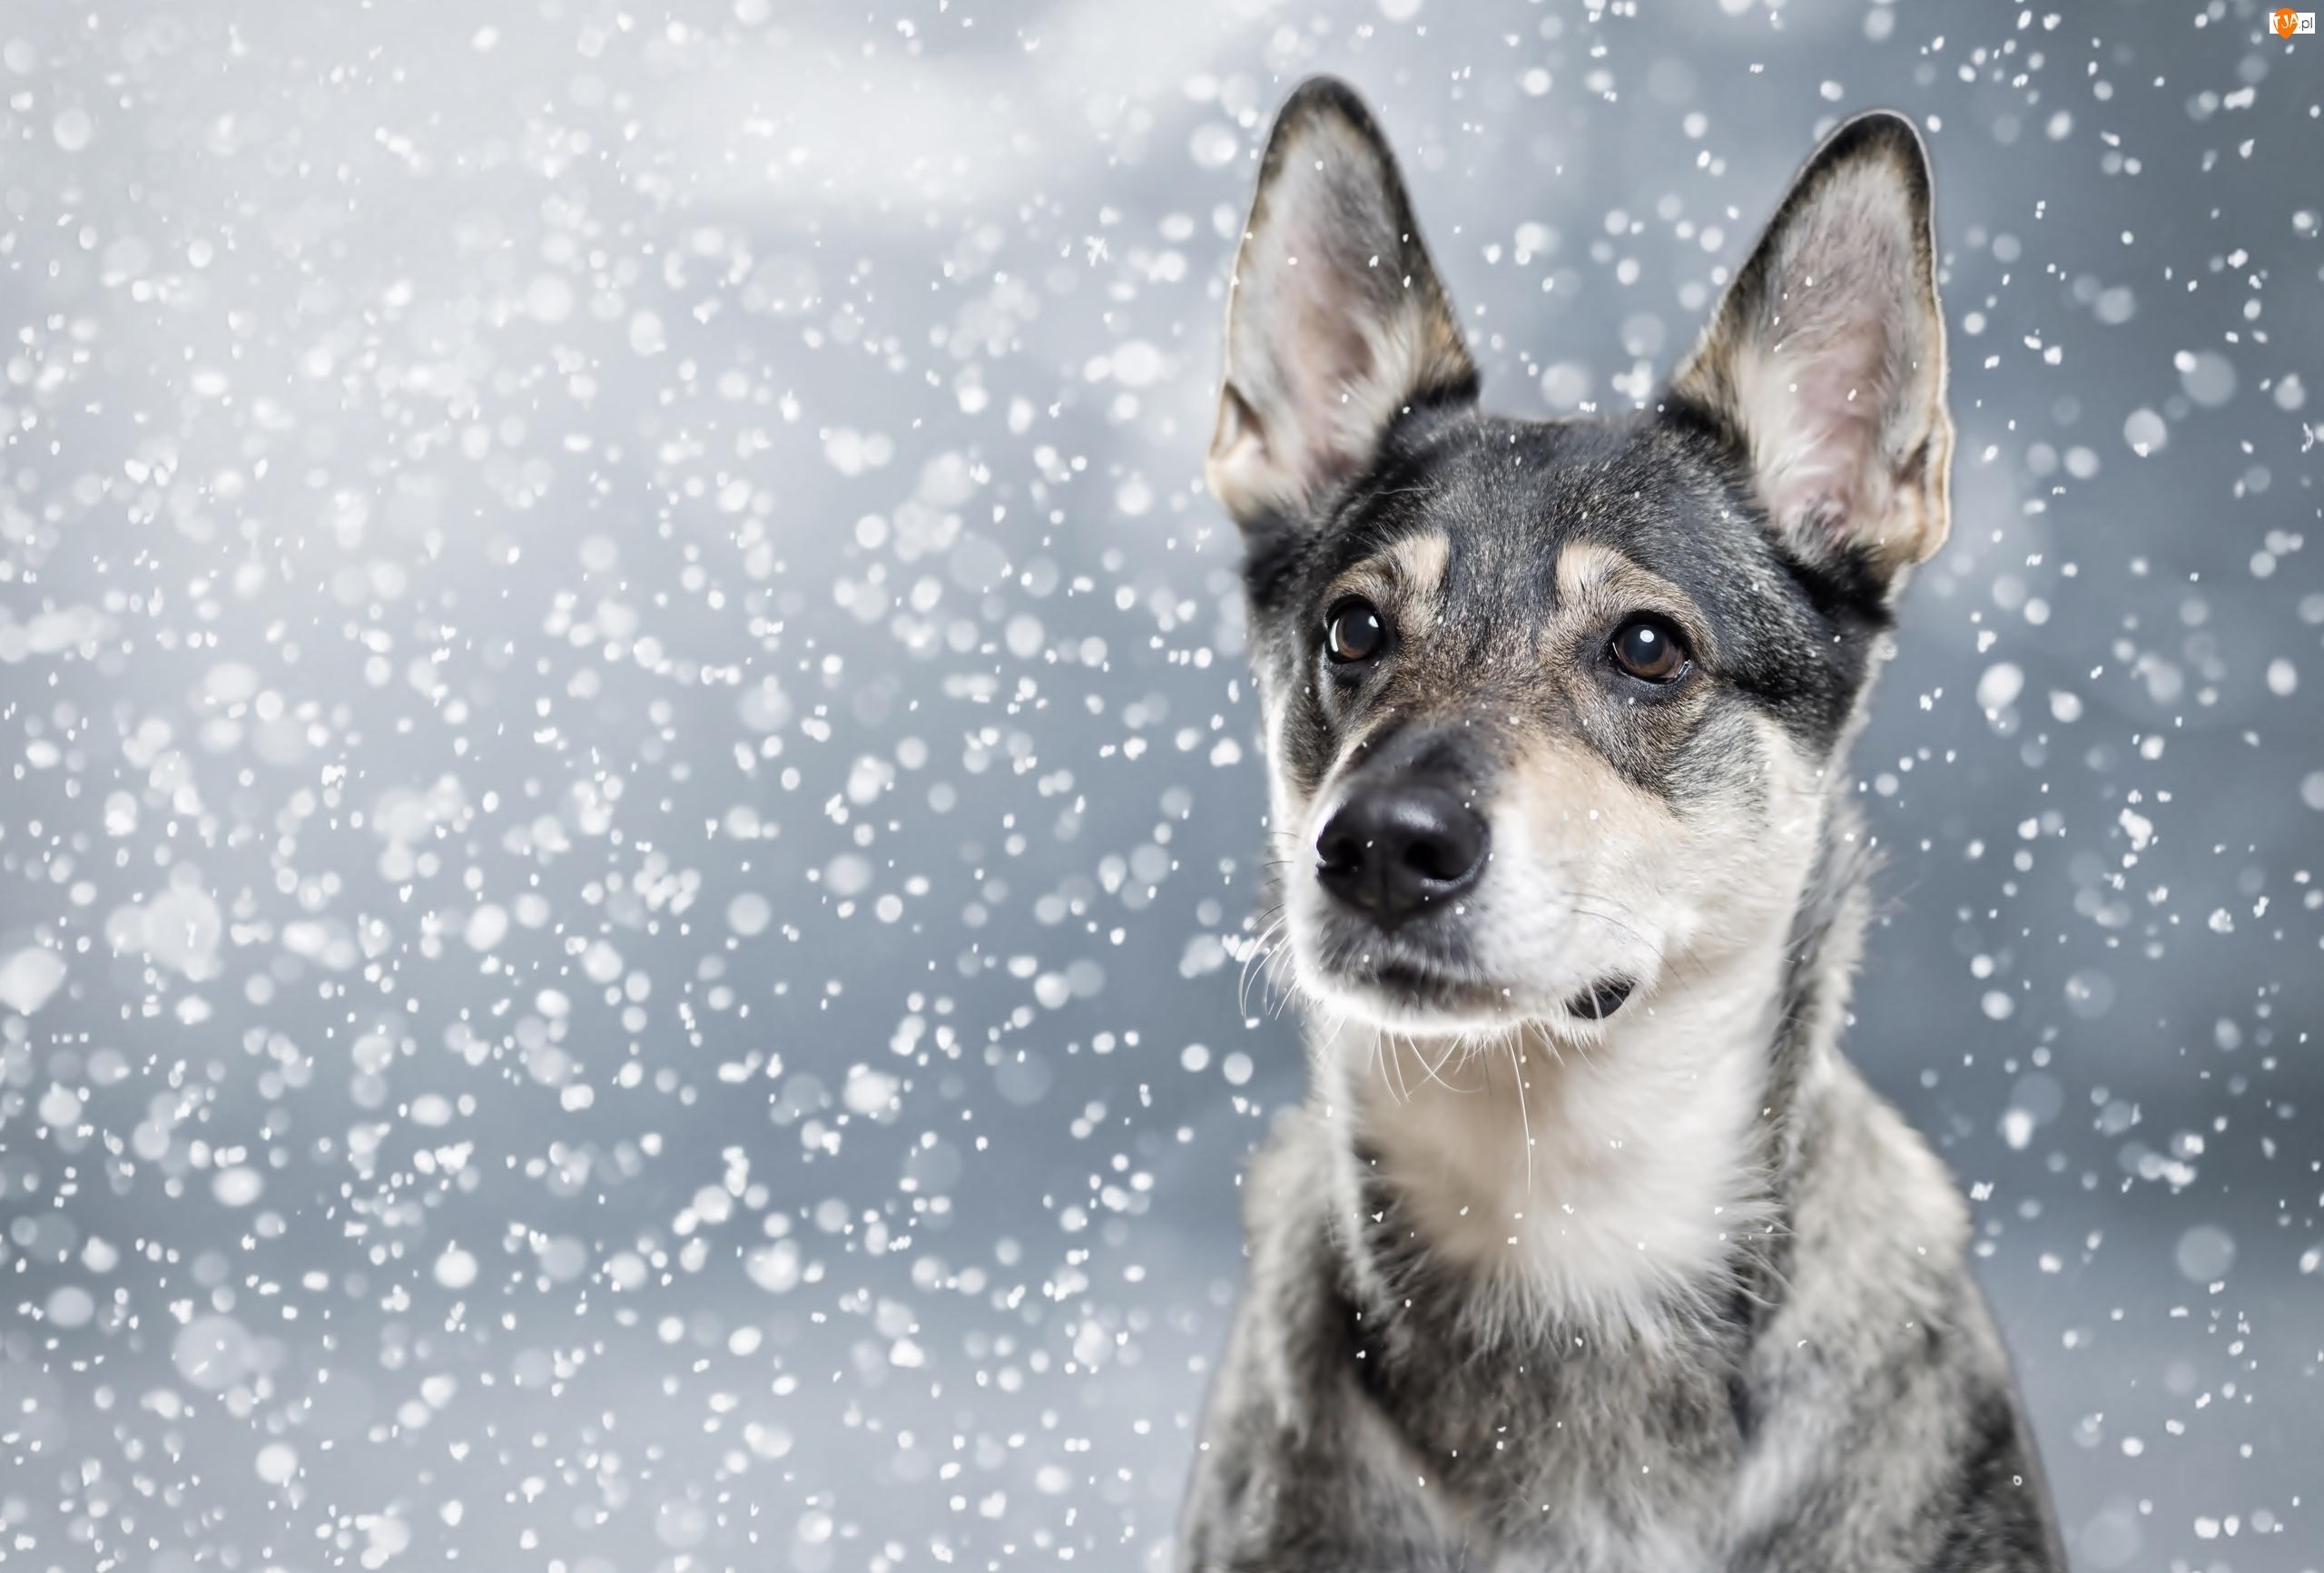 Śnieg, Pies, Padający